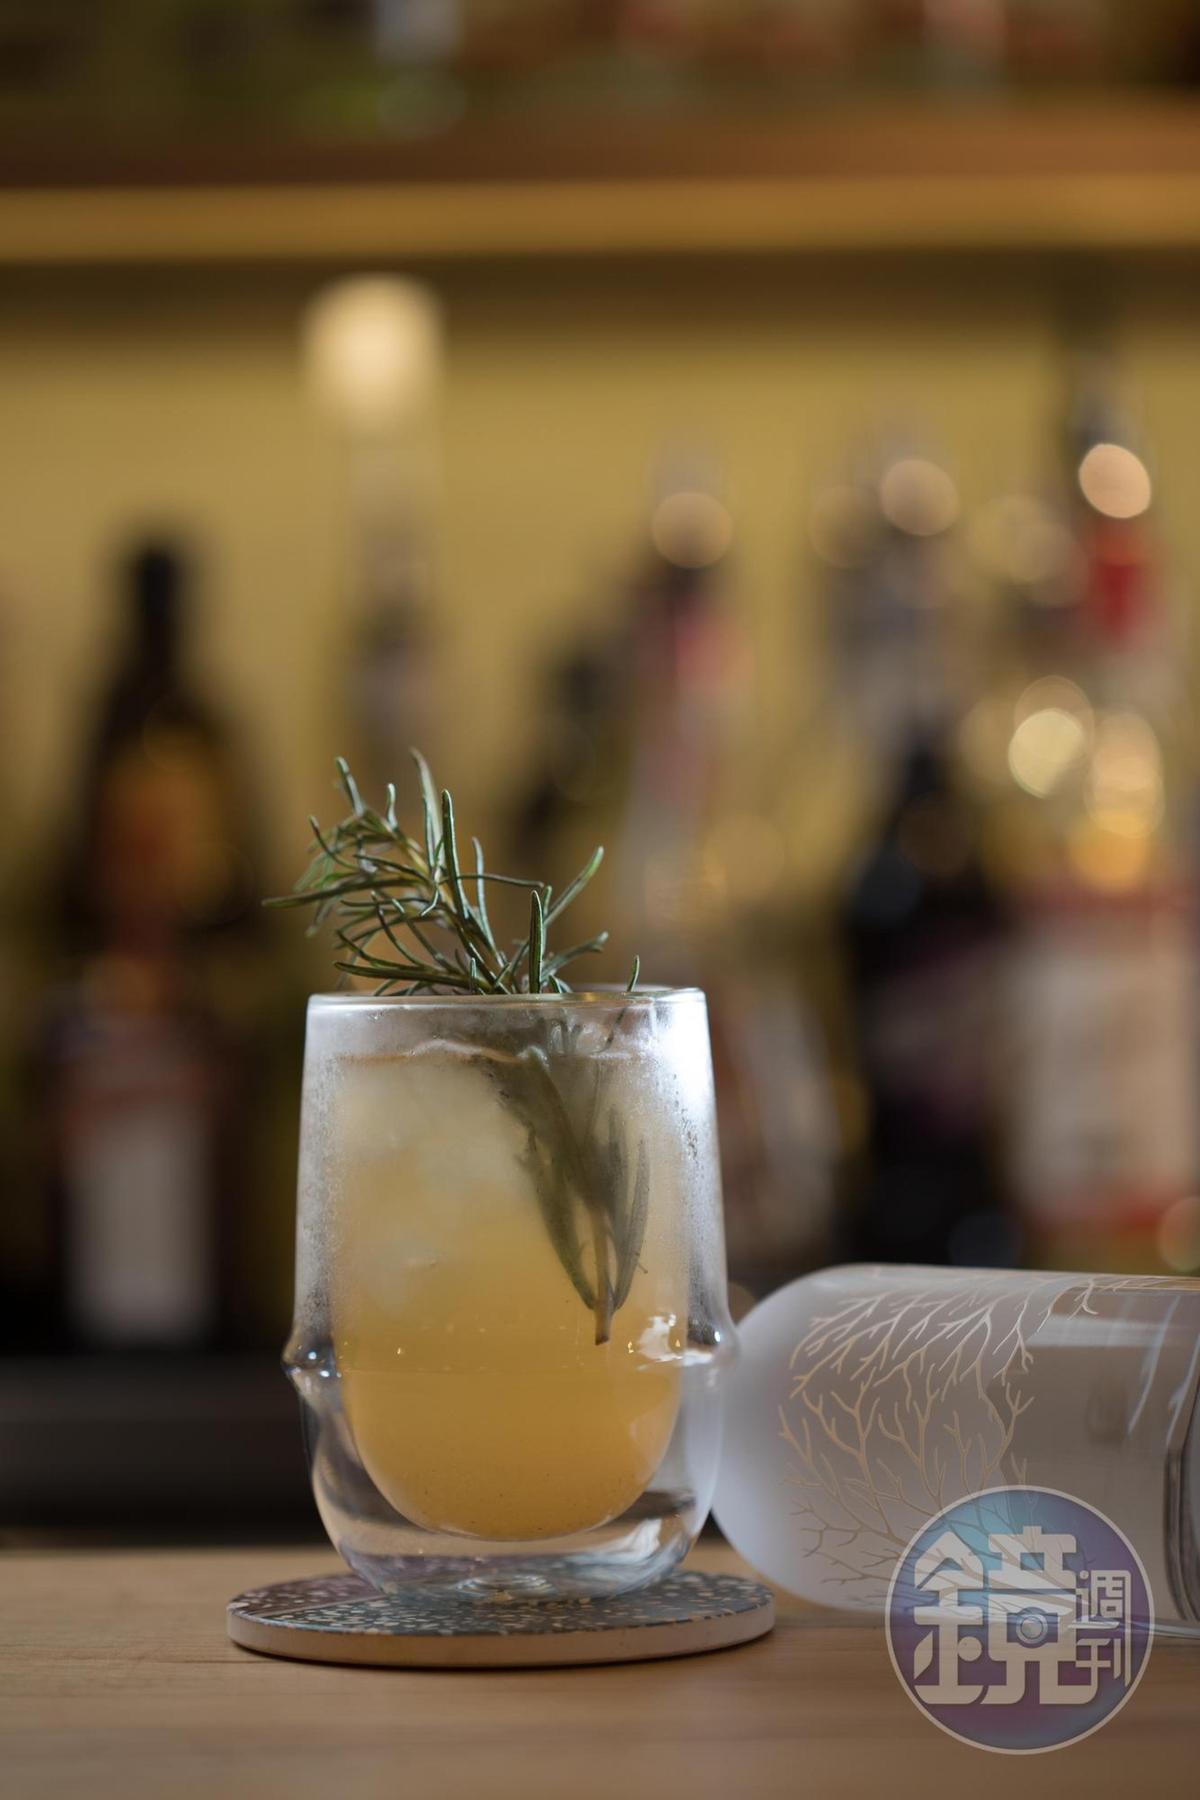 「迷你果汁」以伏特加為基酒,調入梨子甜酒、蜜桃甜酒和蘋果汁,甜香輕盈、適合女生喝。(240元/杯)